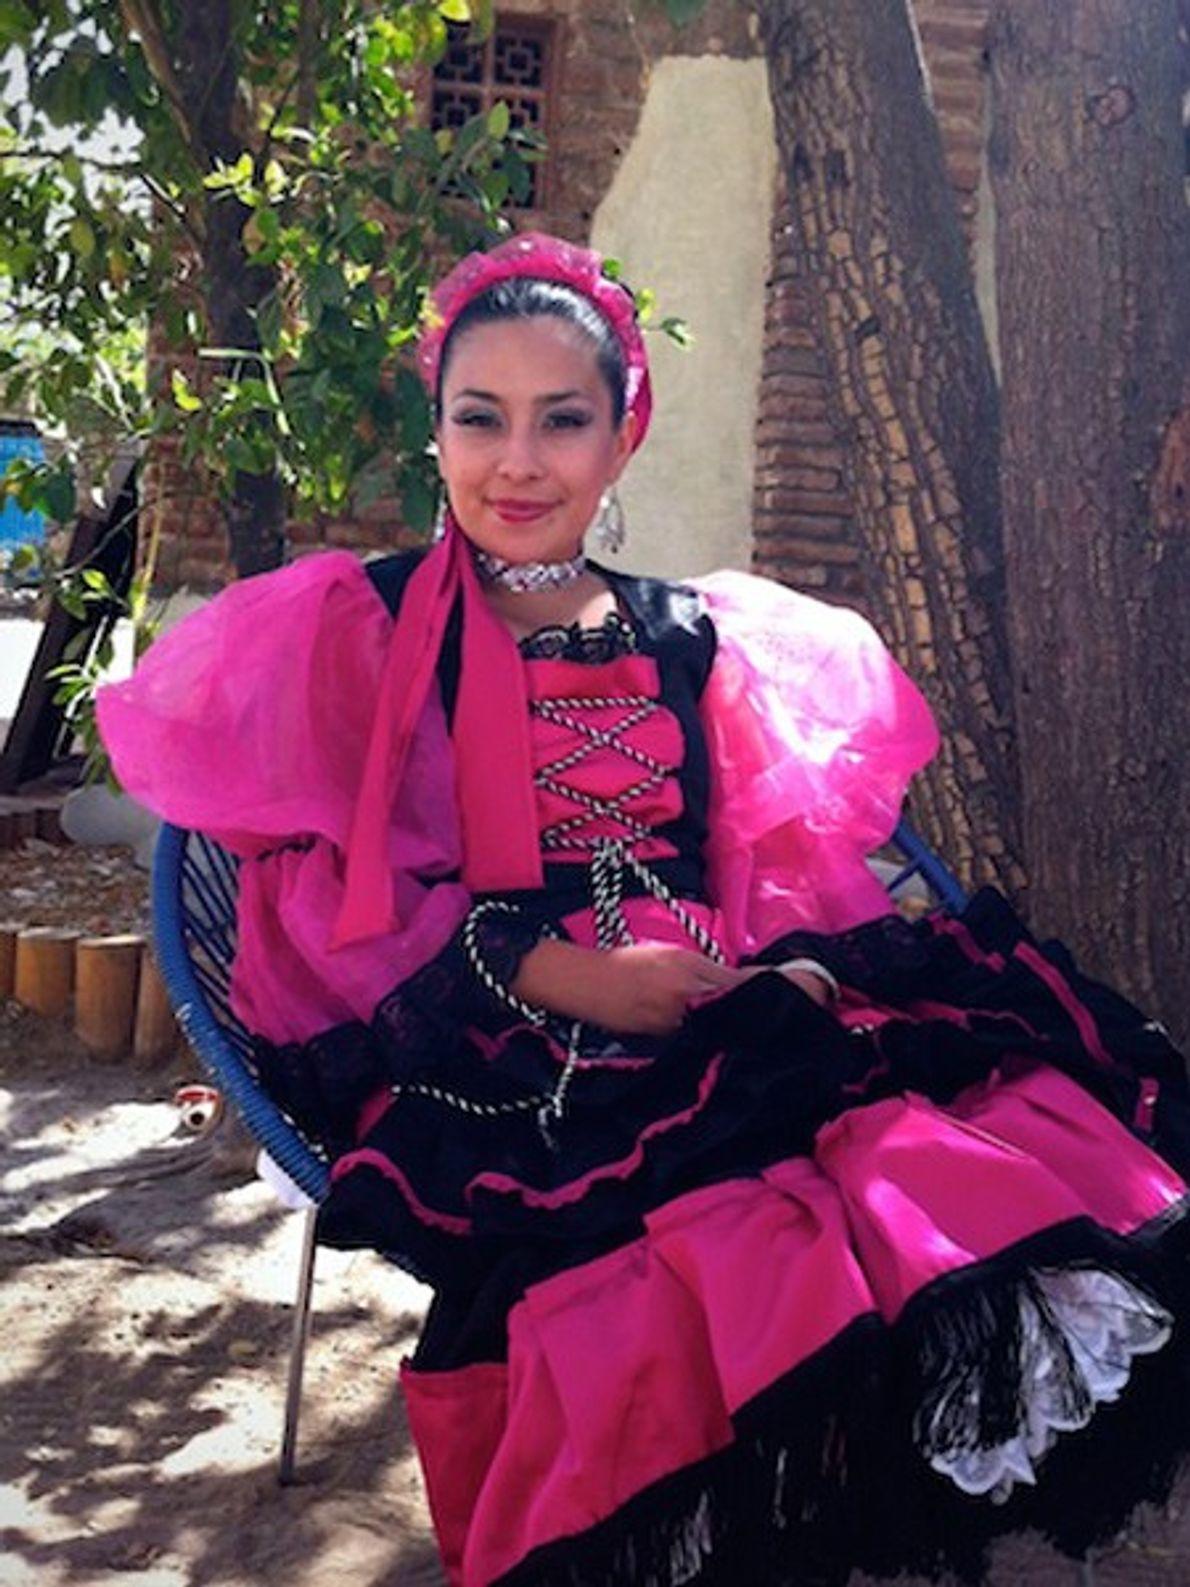 Bailarina, México